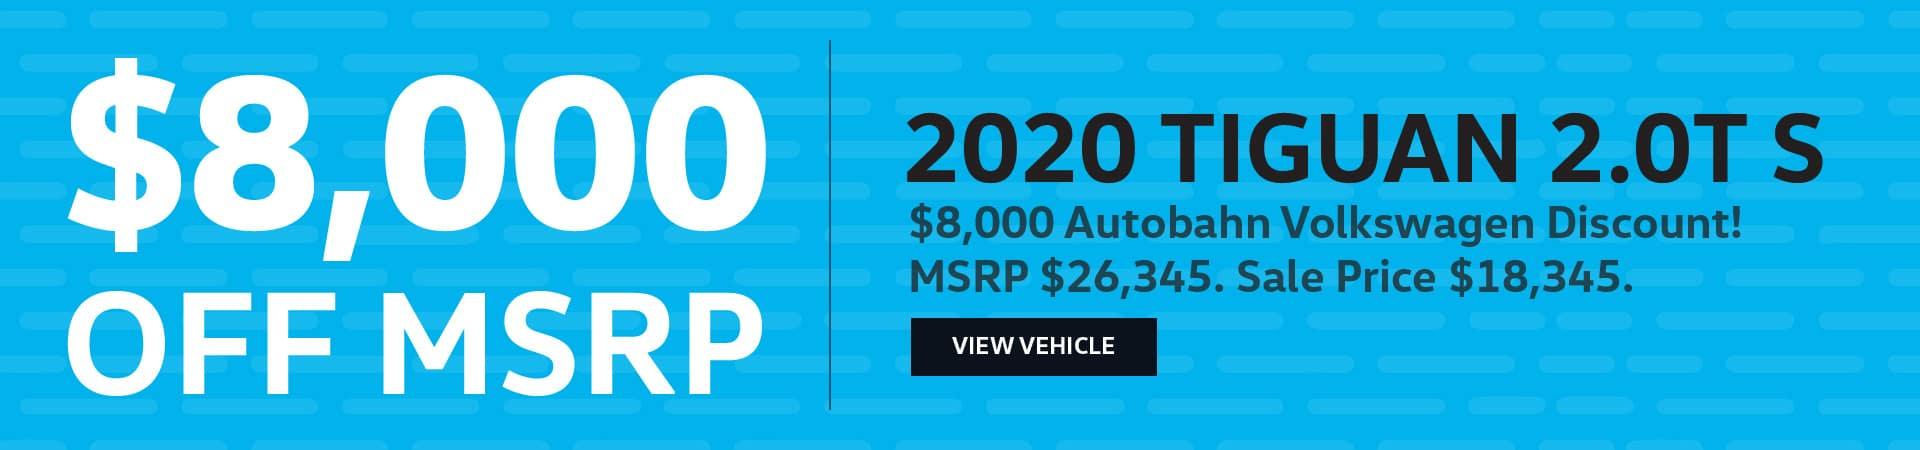 Autobahn Volkswagen | 2020 Tiguan - $8,000 Off MSRP